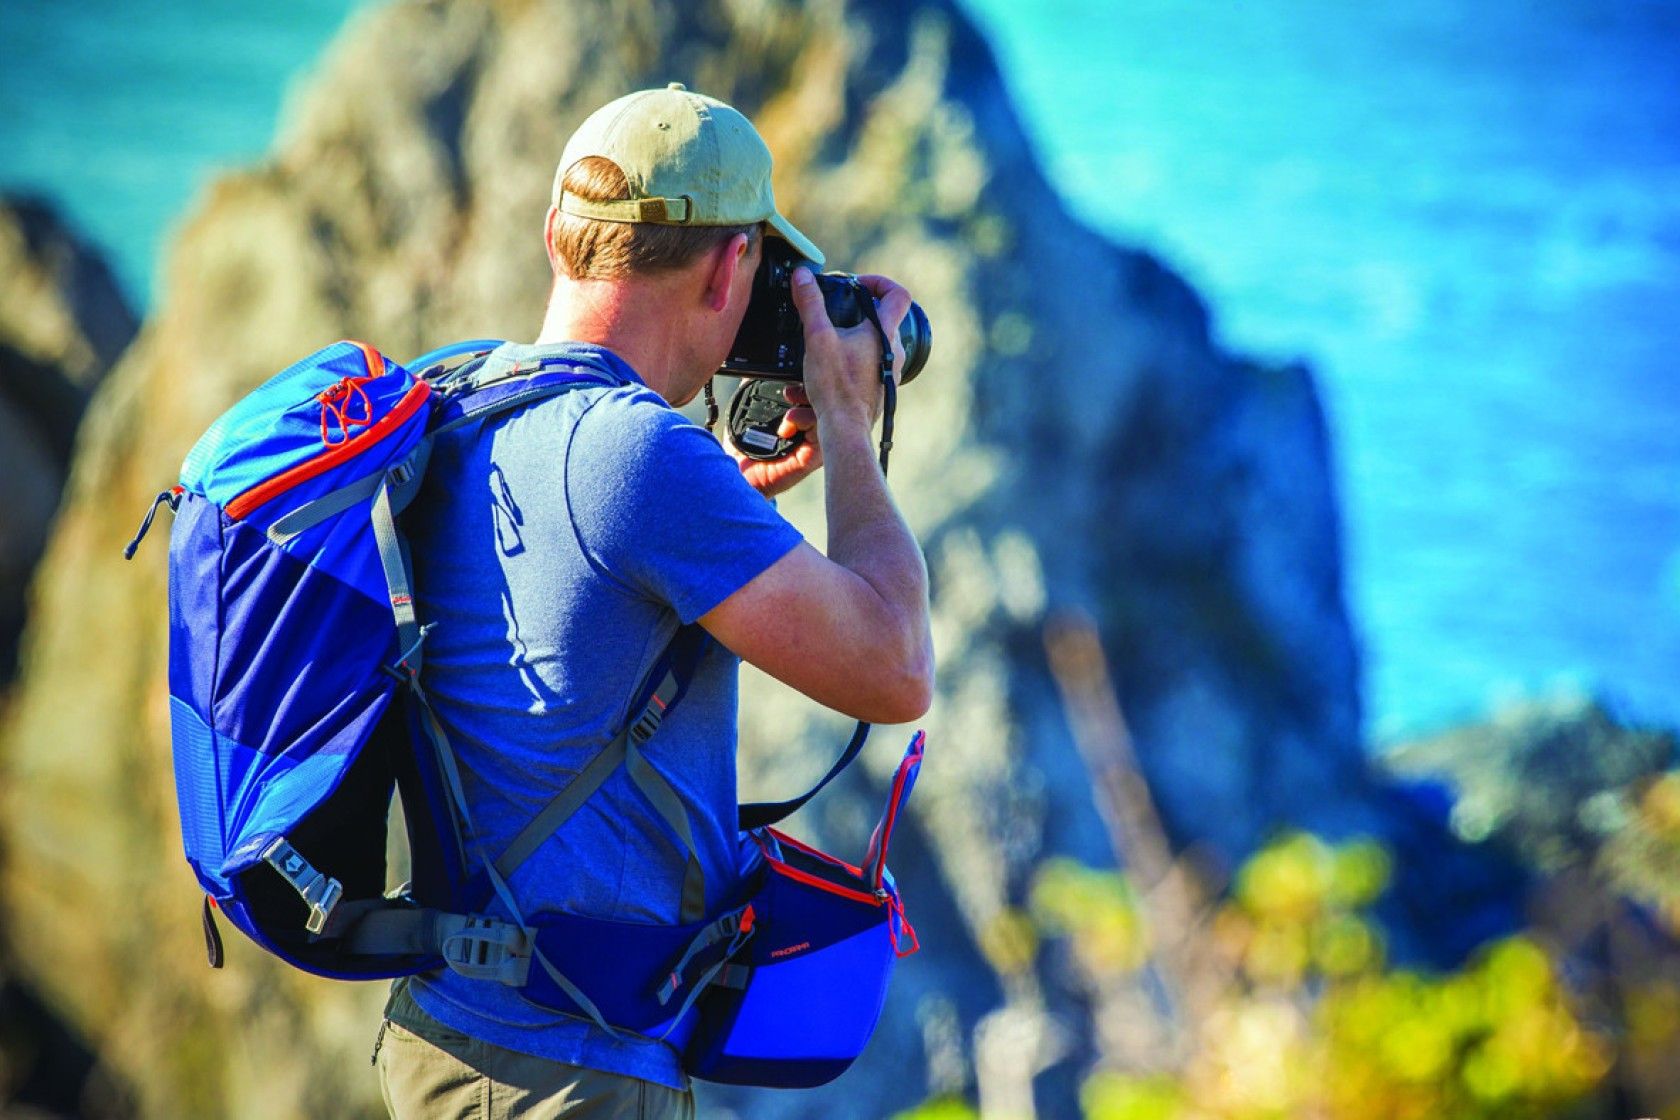 بهترین کیف دوربین و بهترین کوله پشتی دوربین